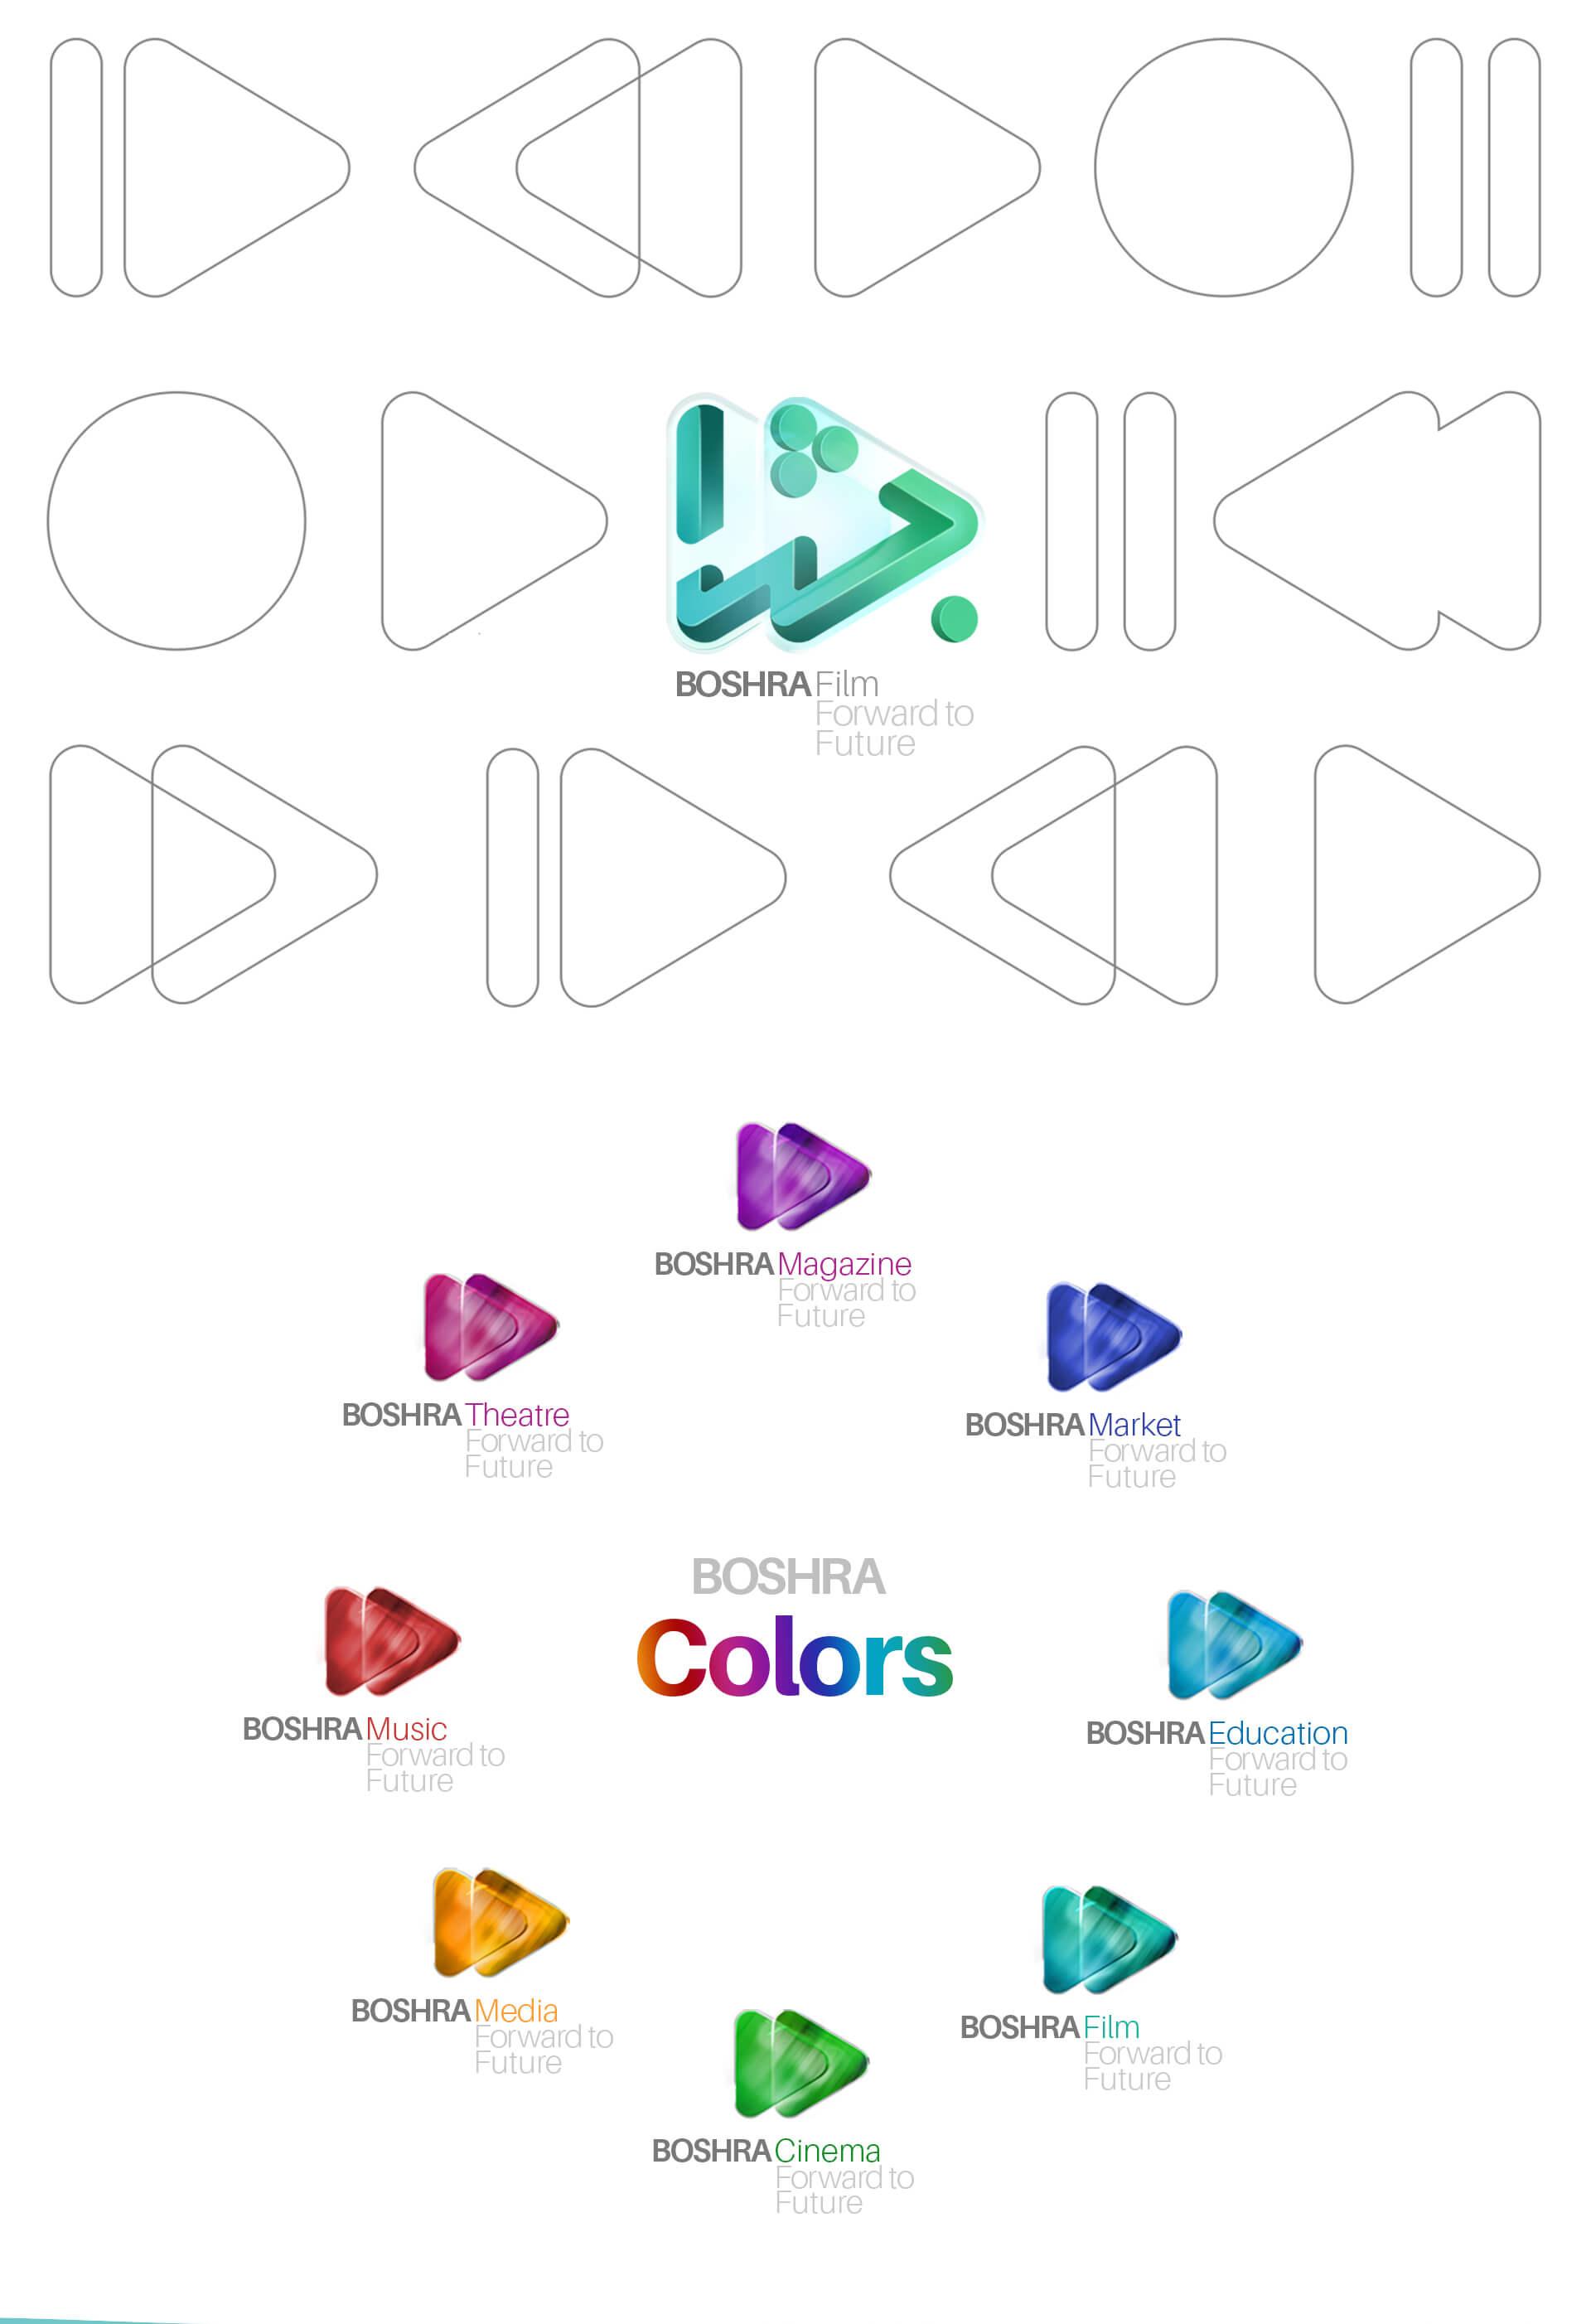 هویت بصری بشرا، رسانه، تبلیغات، آژانس تبلیغاتی، هویت بصری، طراحی هویت بصری، شرکت تبلیغاتی الف، طراحی لوگو، طراحی لوگوتابپ، طراحی ست اداری، طراحی اوراق اداری، کمپین تبلیغاتی، برندینگ